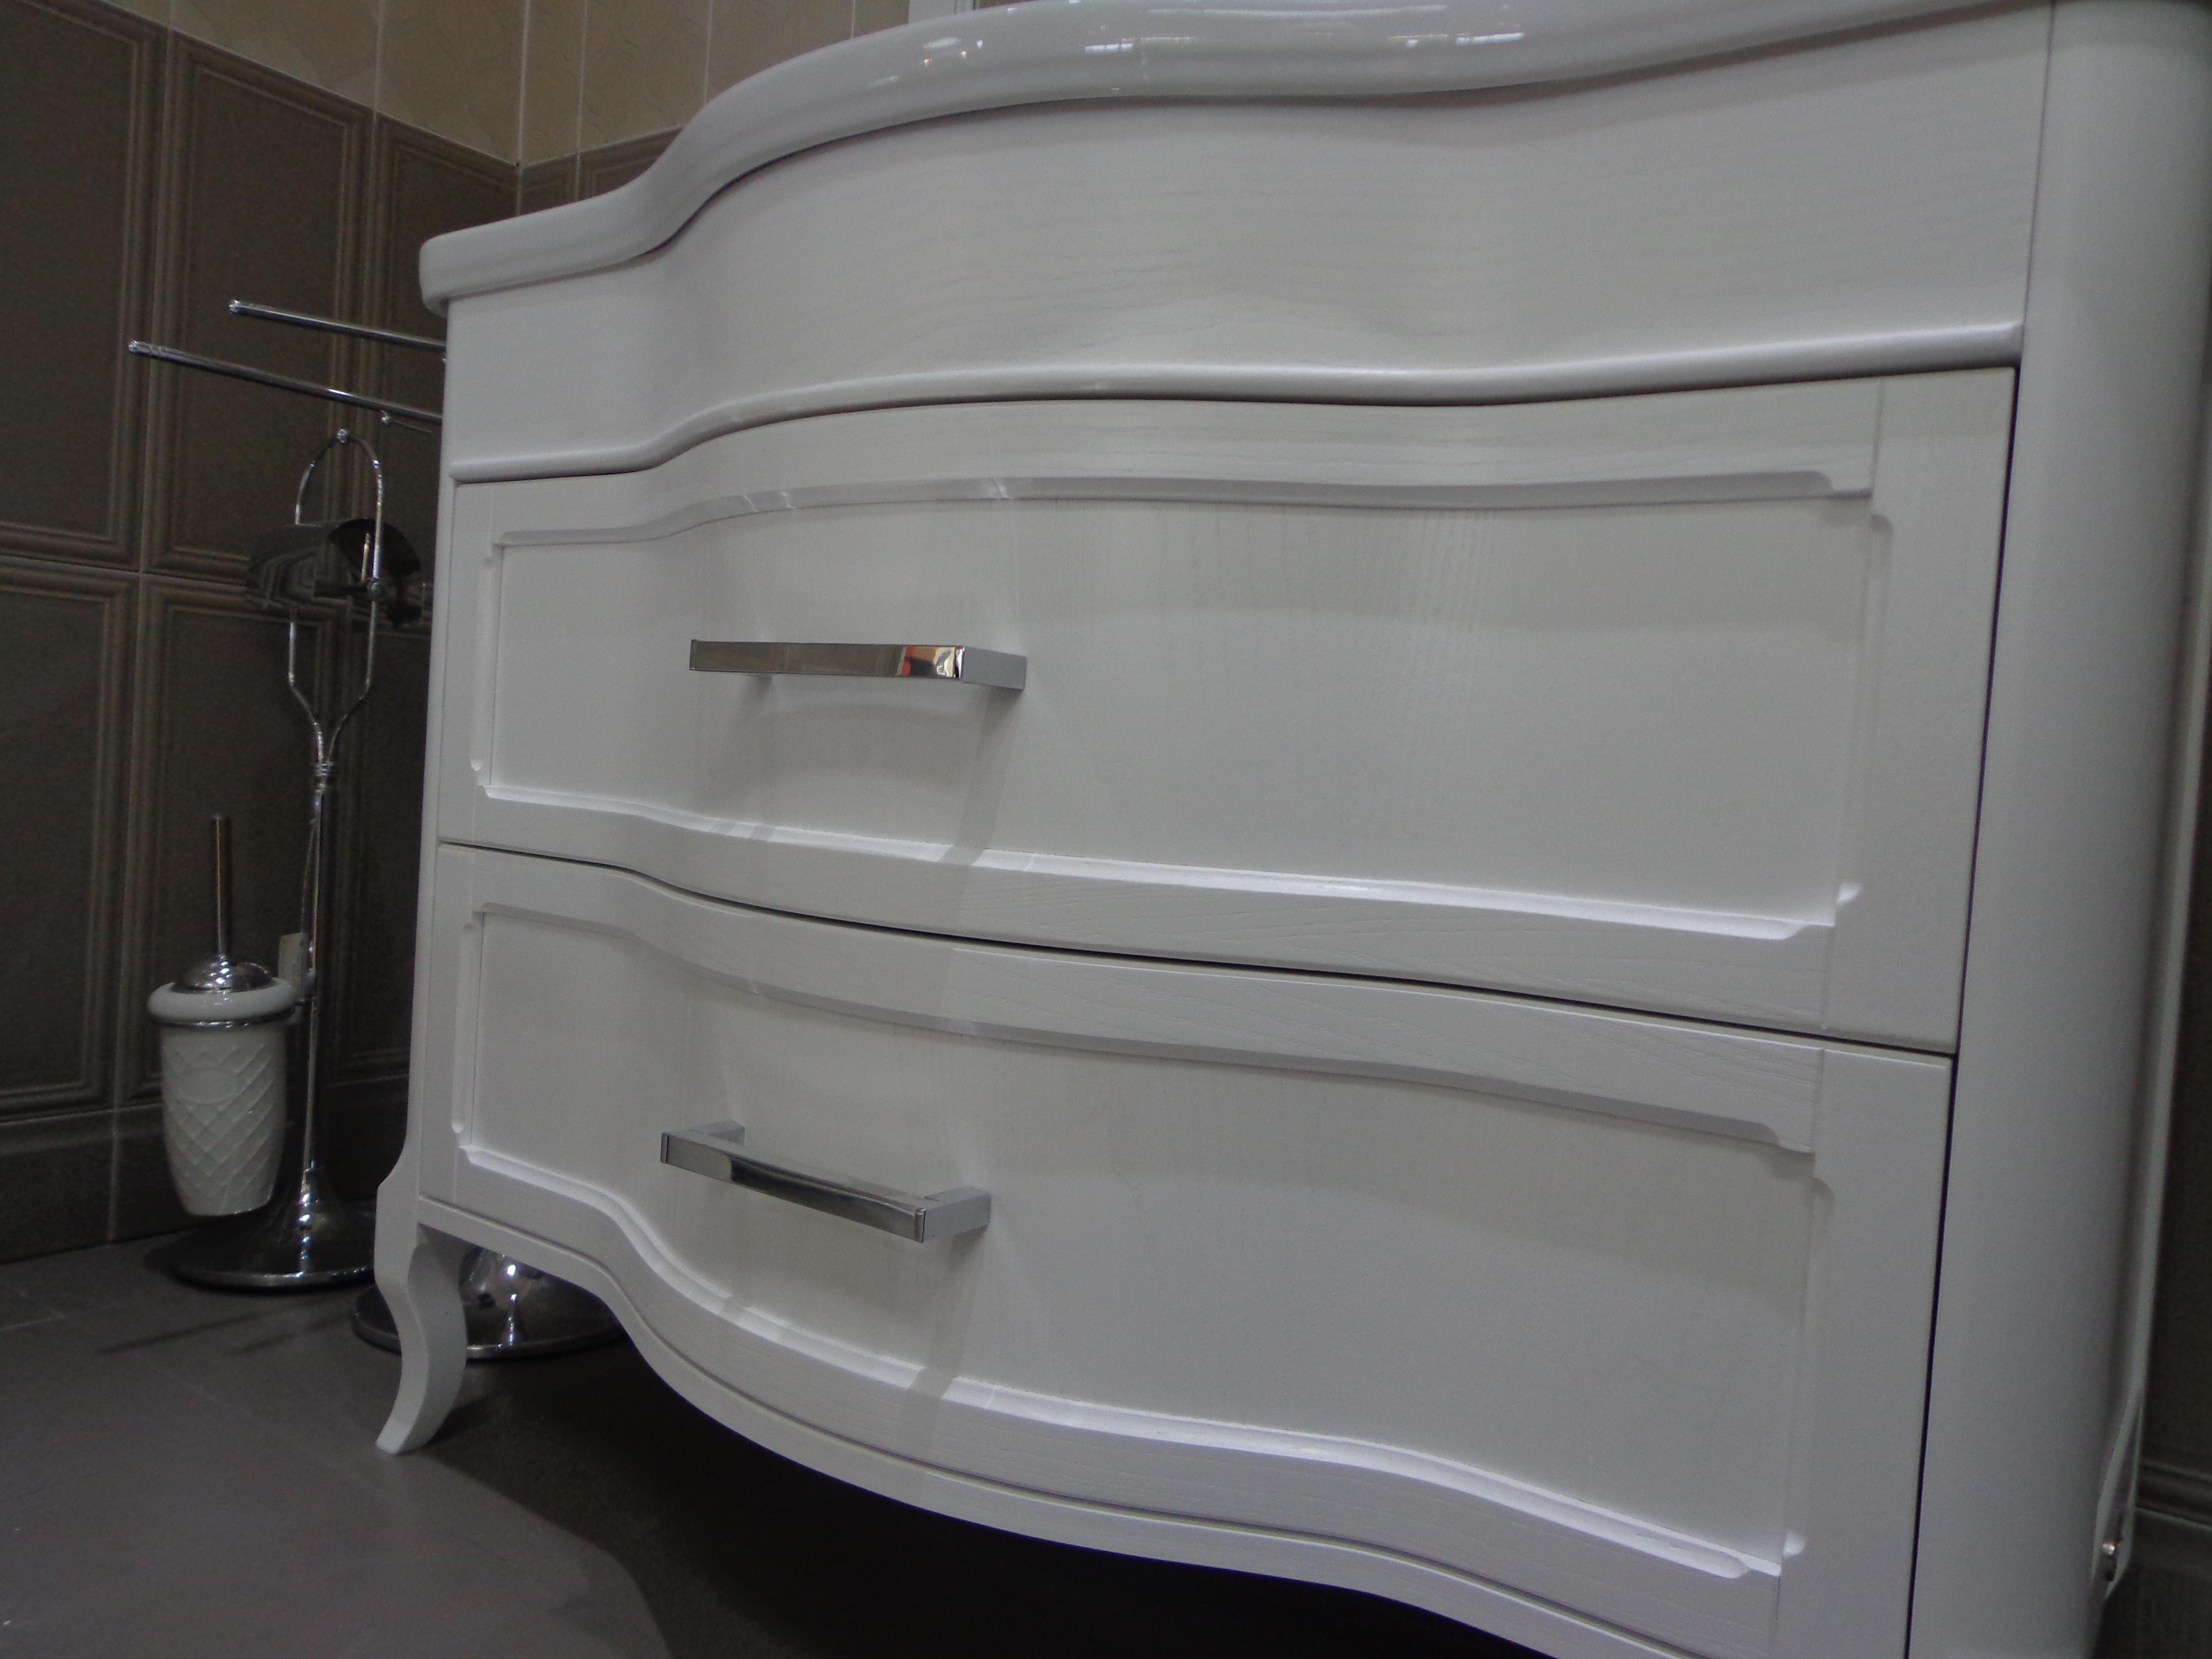 Mobile bagno rachele arredo bagno a prezzi scontati - Mobile bagno prezzo ...